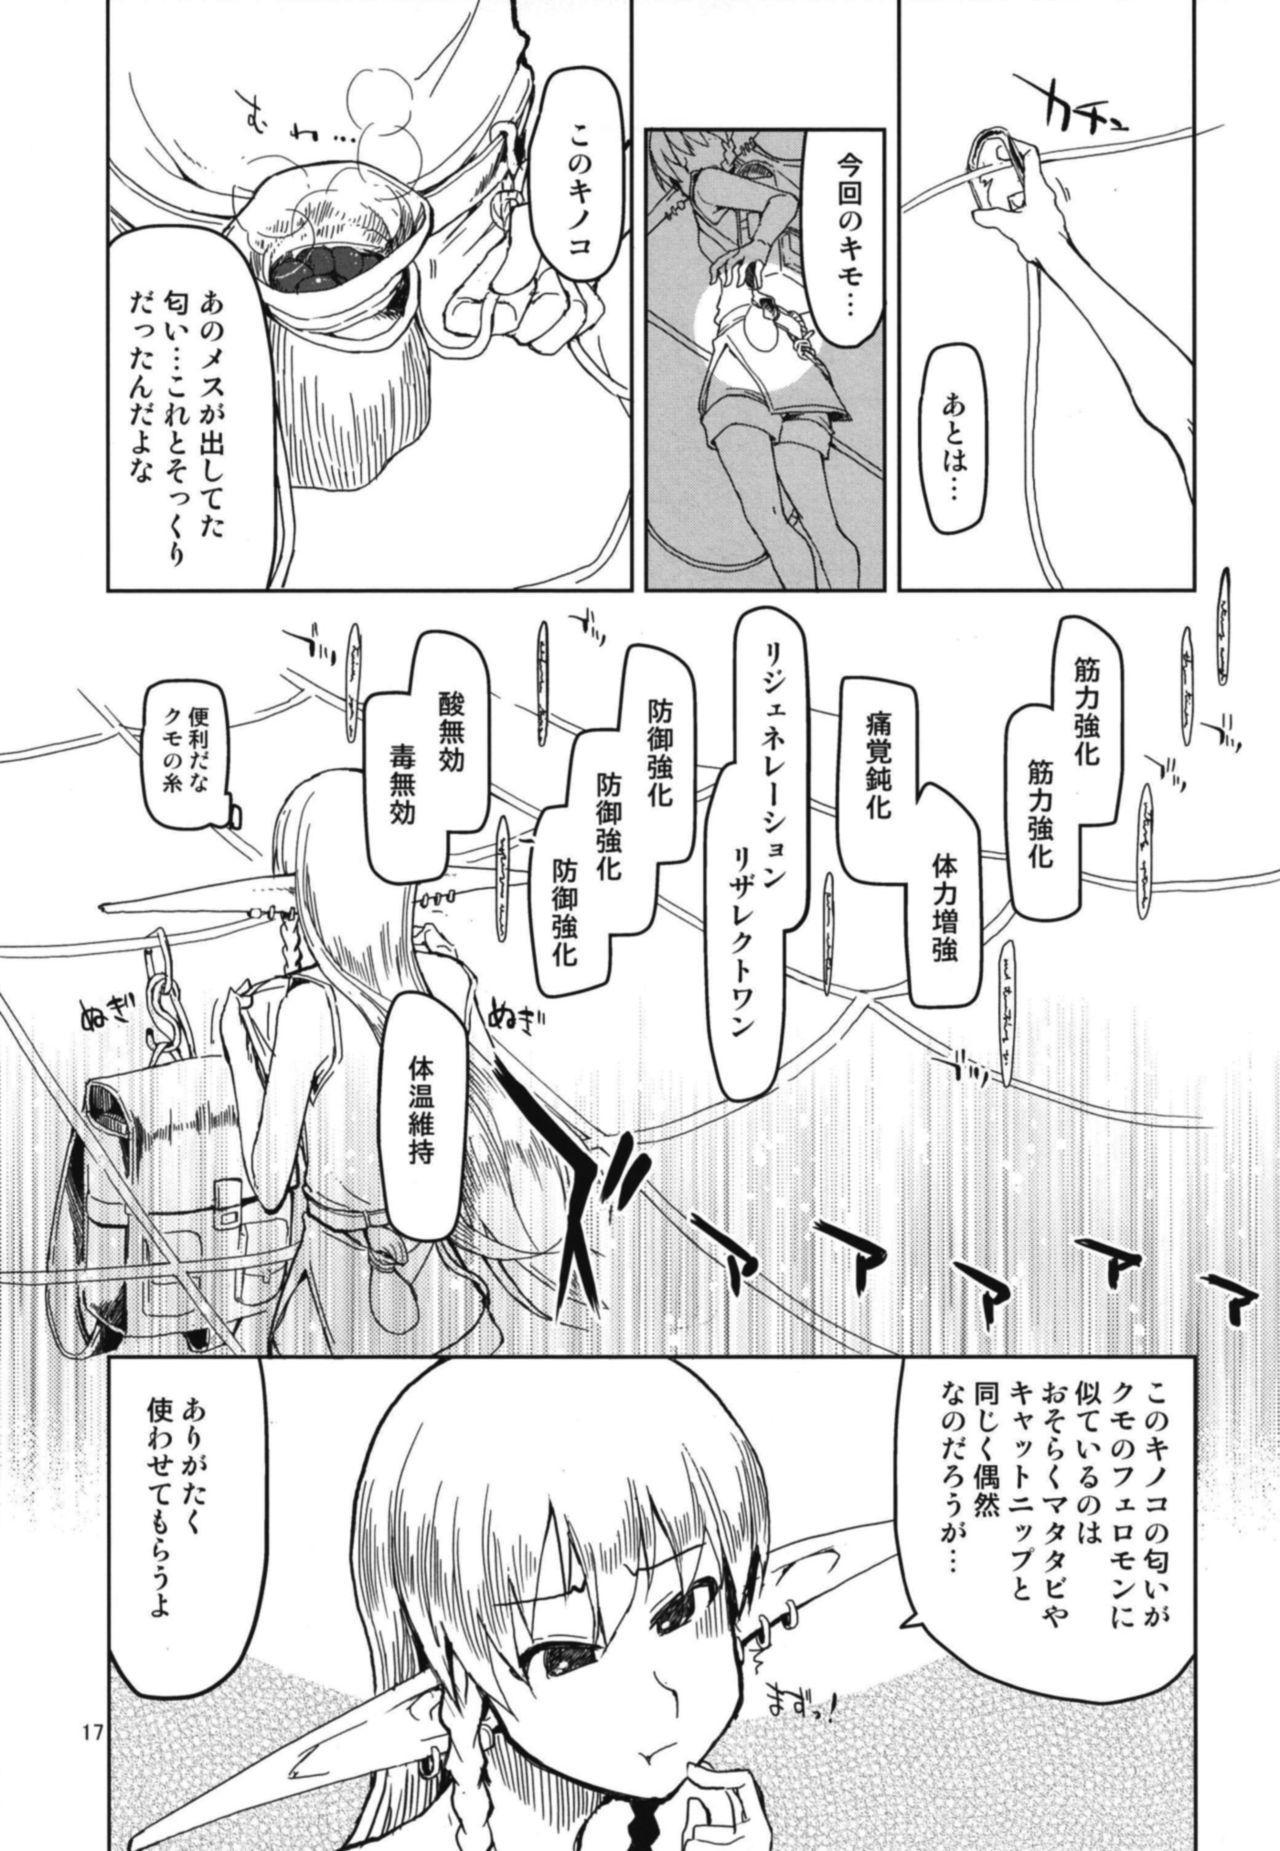 Dosukebe Elf no Ishukan Nikki 5 18